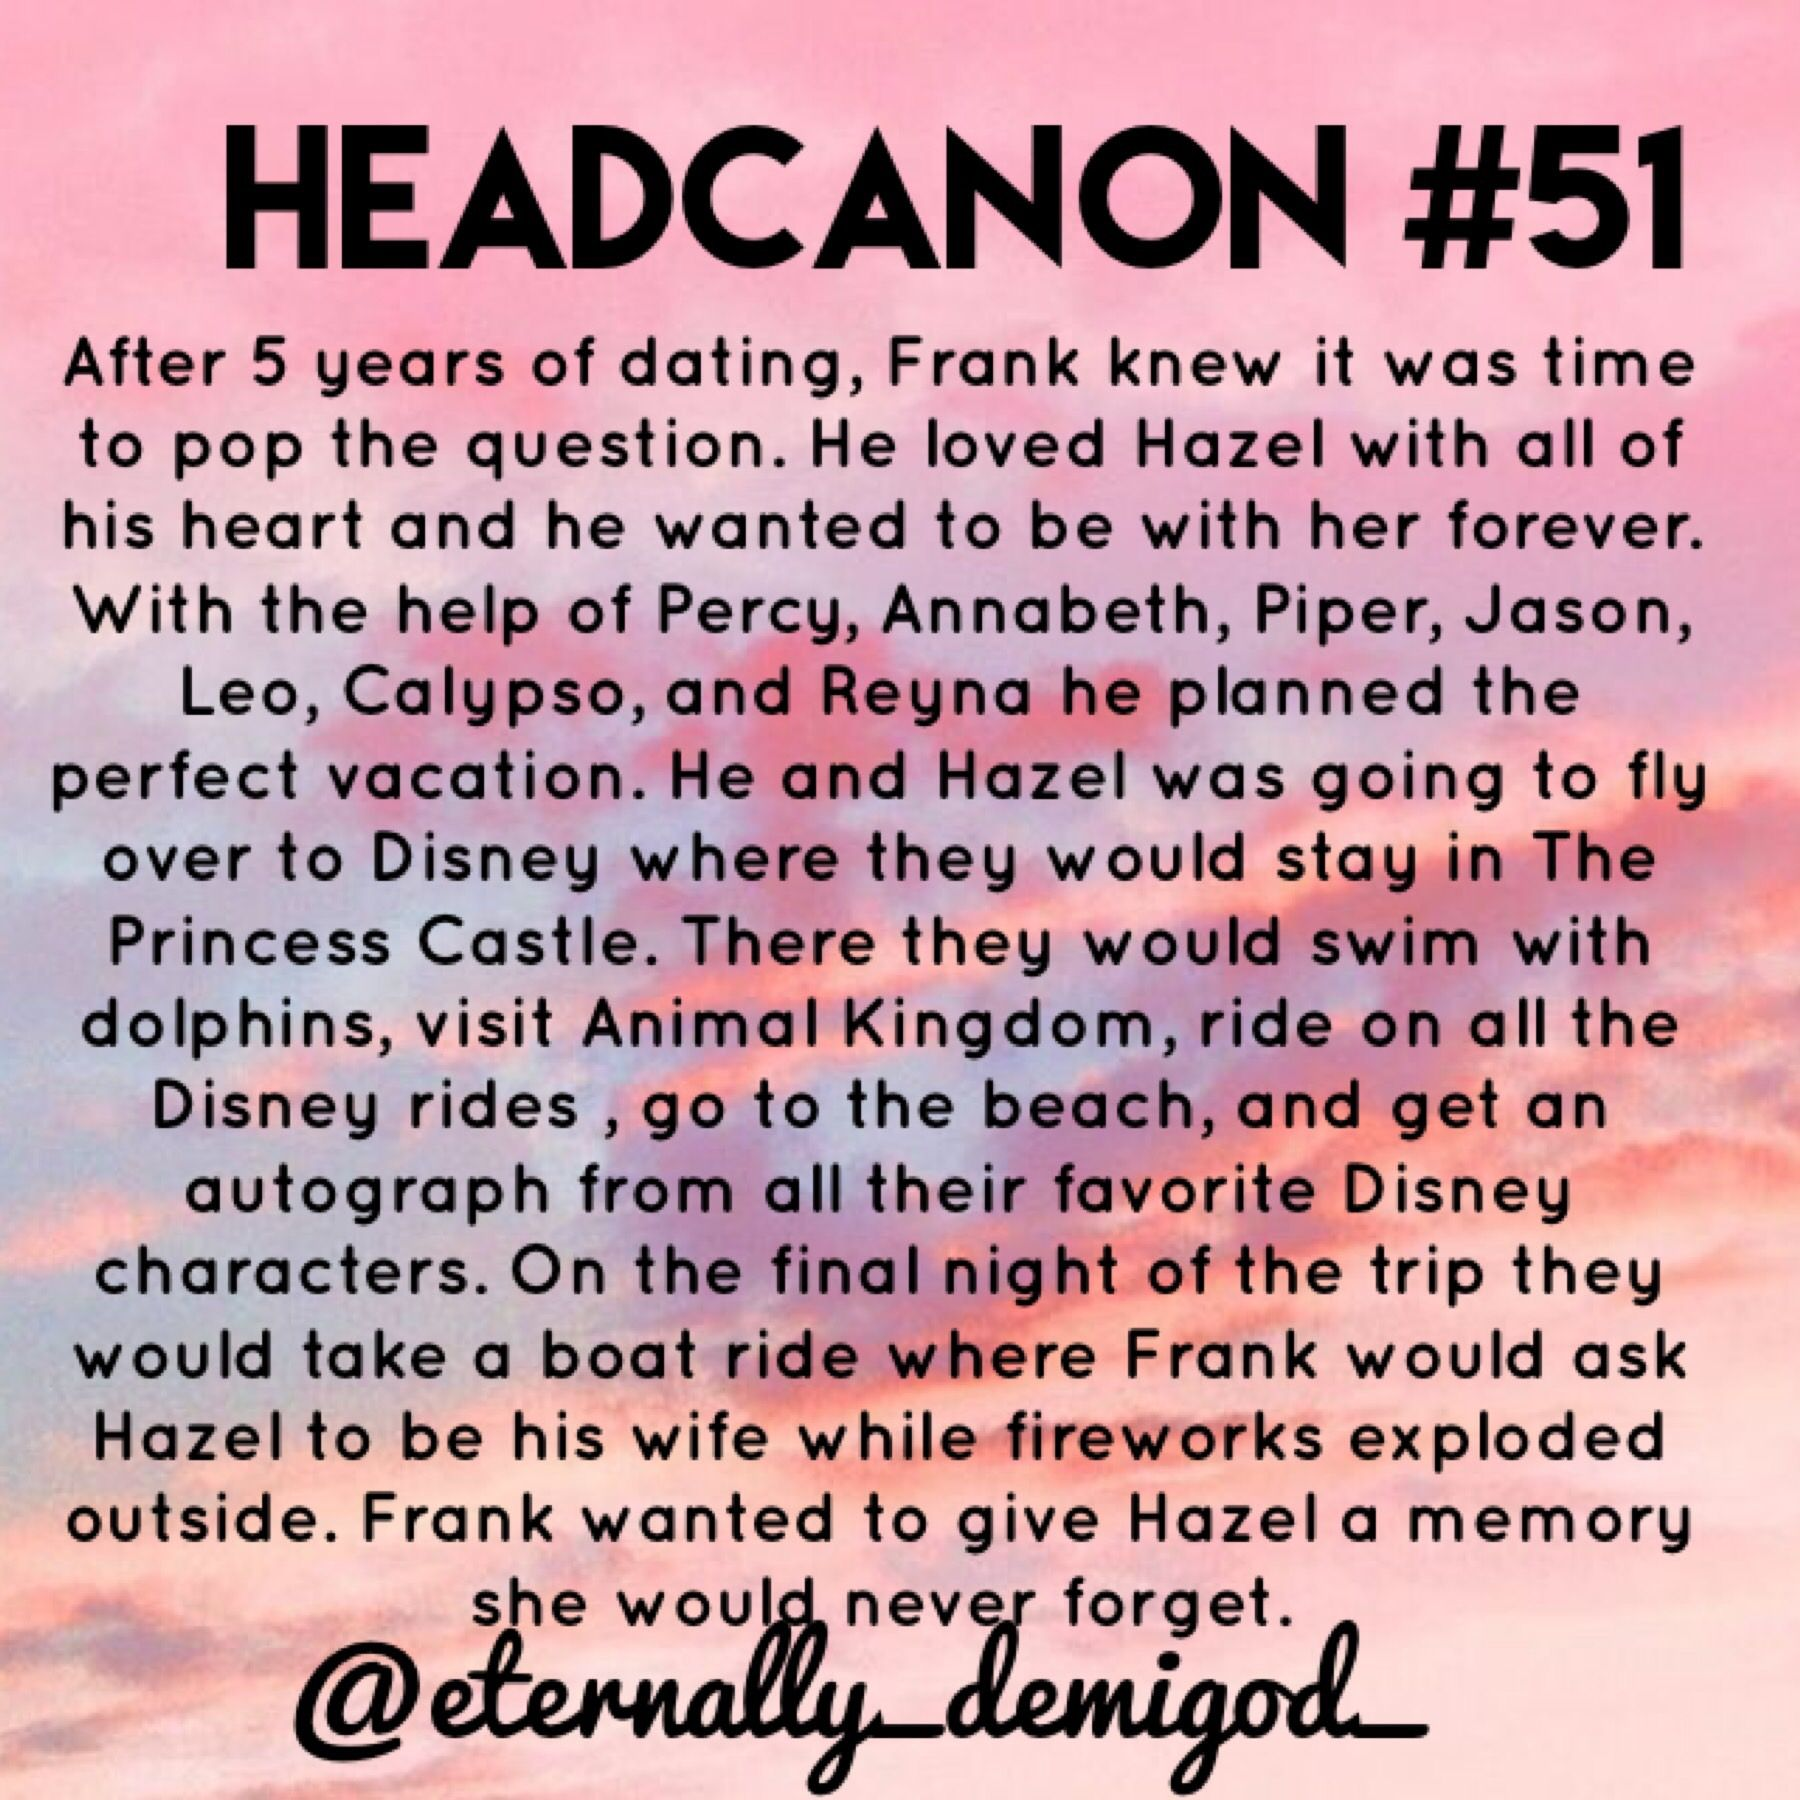 Pin By Eternally Demigod On Headcanons Percy Jackson Ships